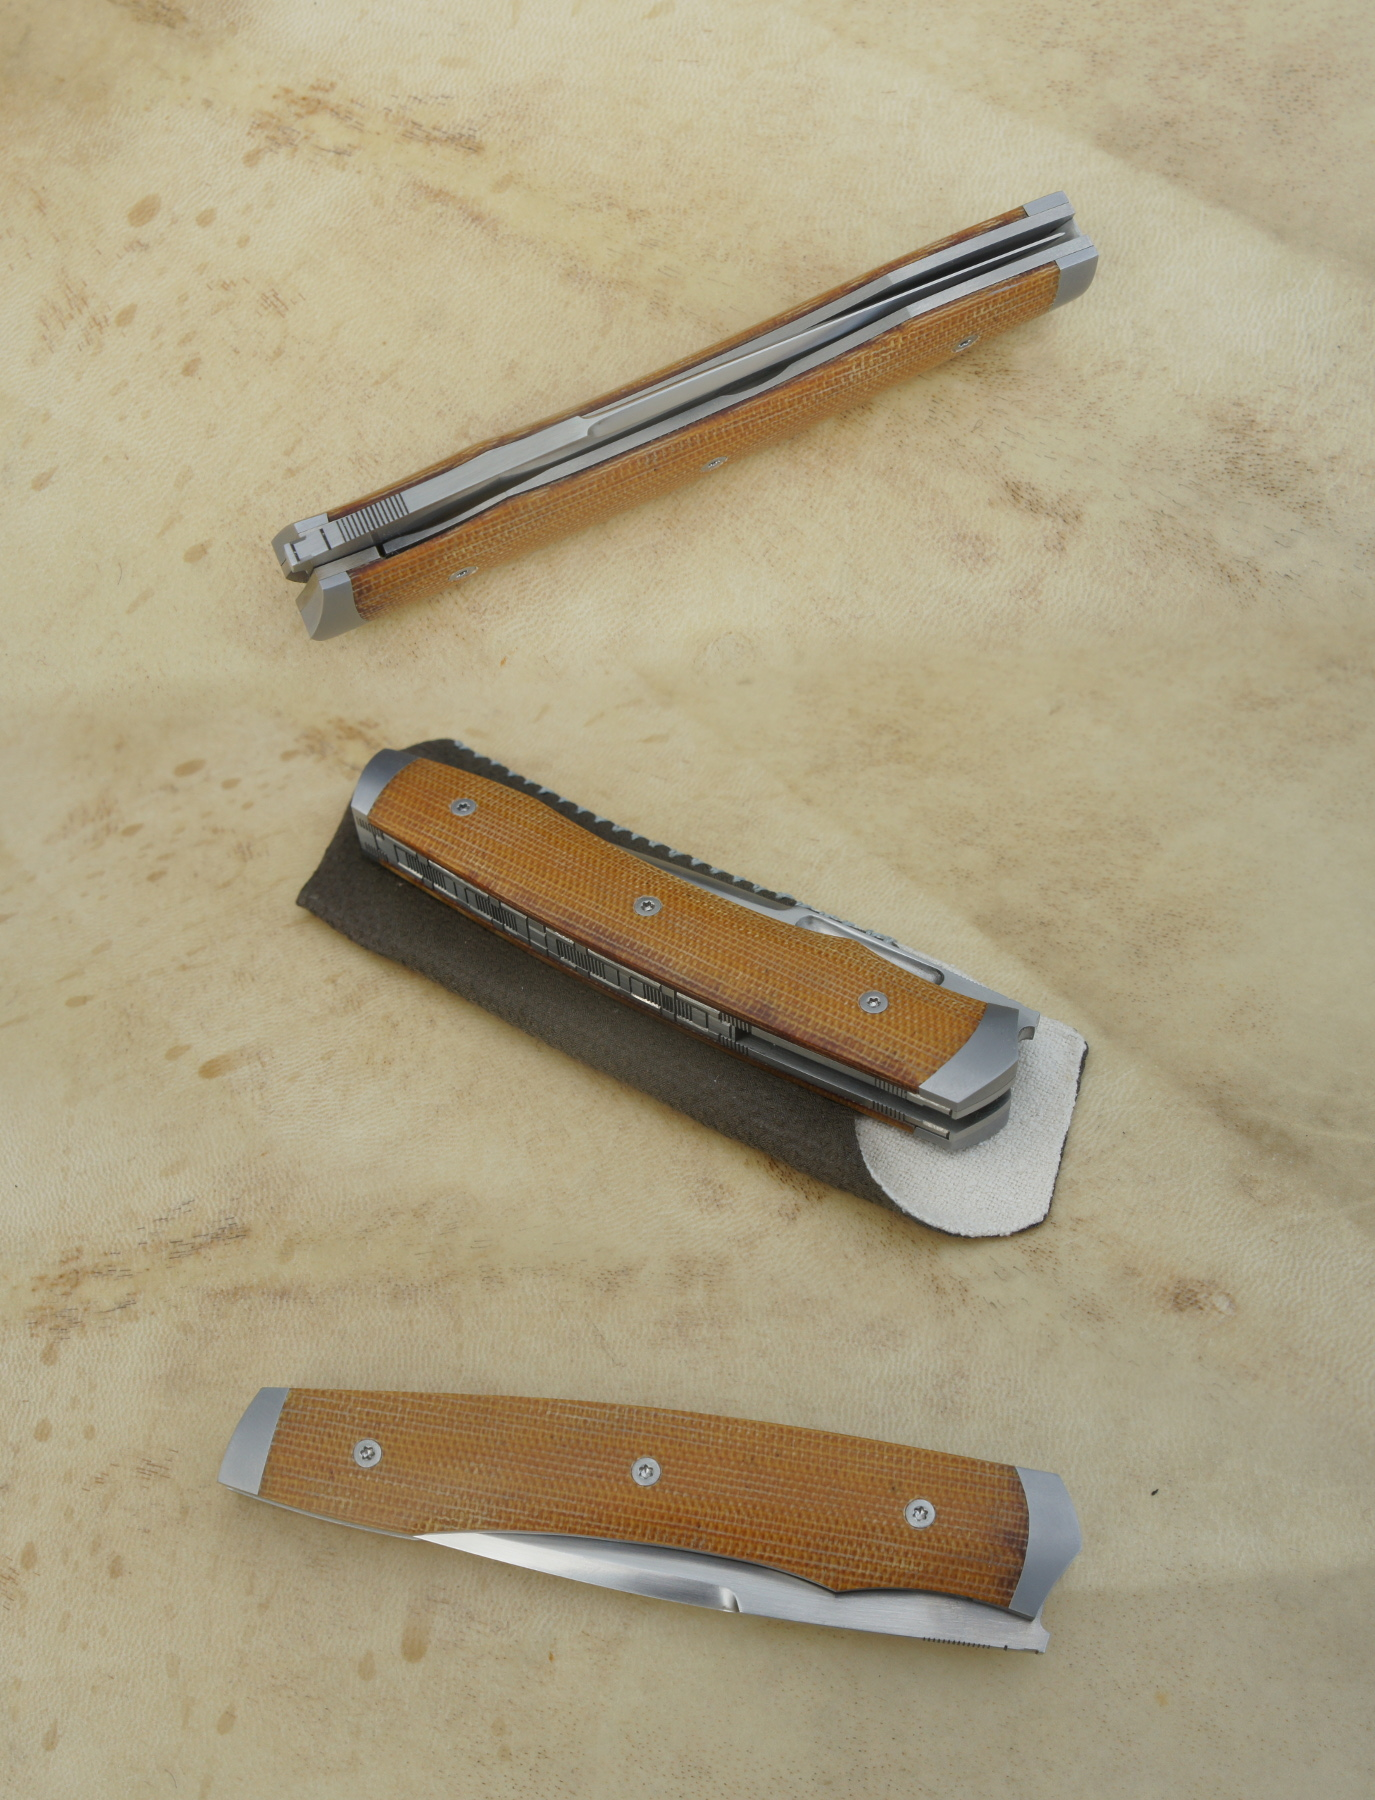 Treyssac Fusion 14c28n & micarta - mitres fines